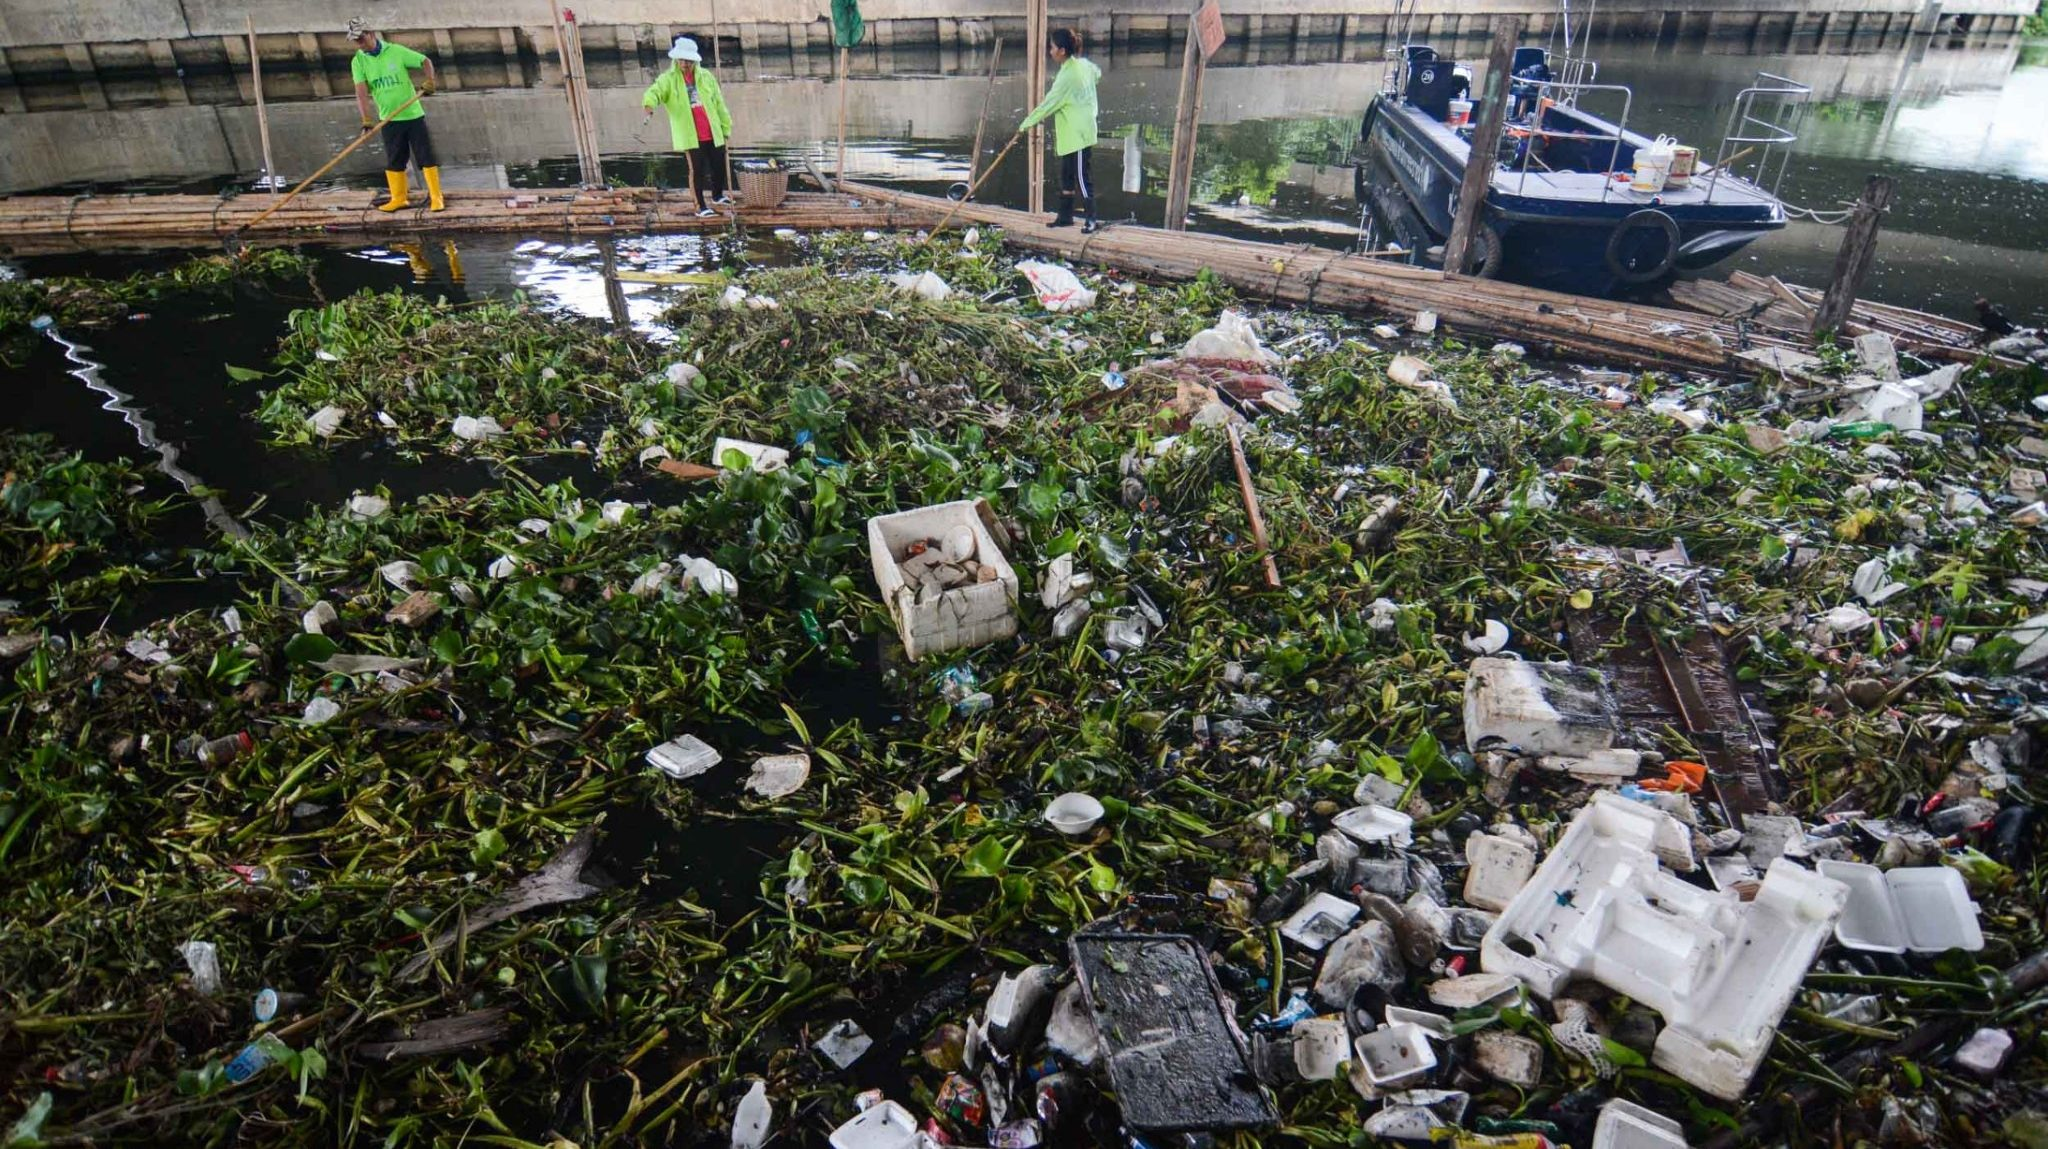 ขยะ คลองลาดพร้าว ทิ้งขยะ ทิ้งขยะลงคลอง